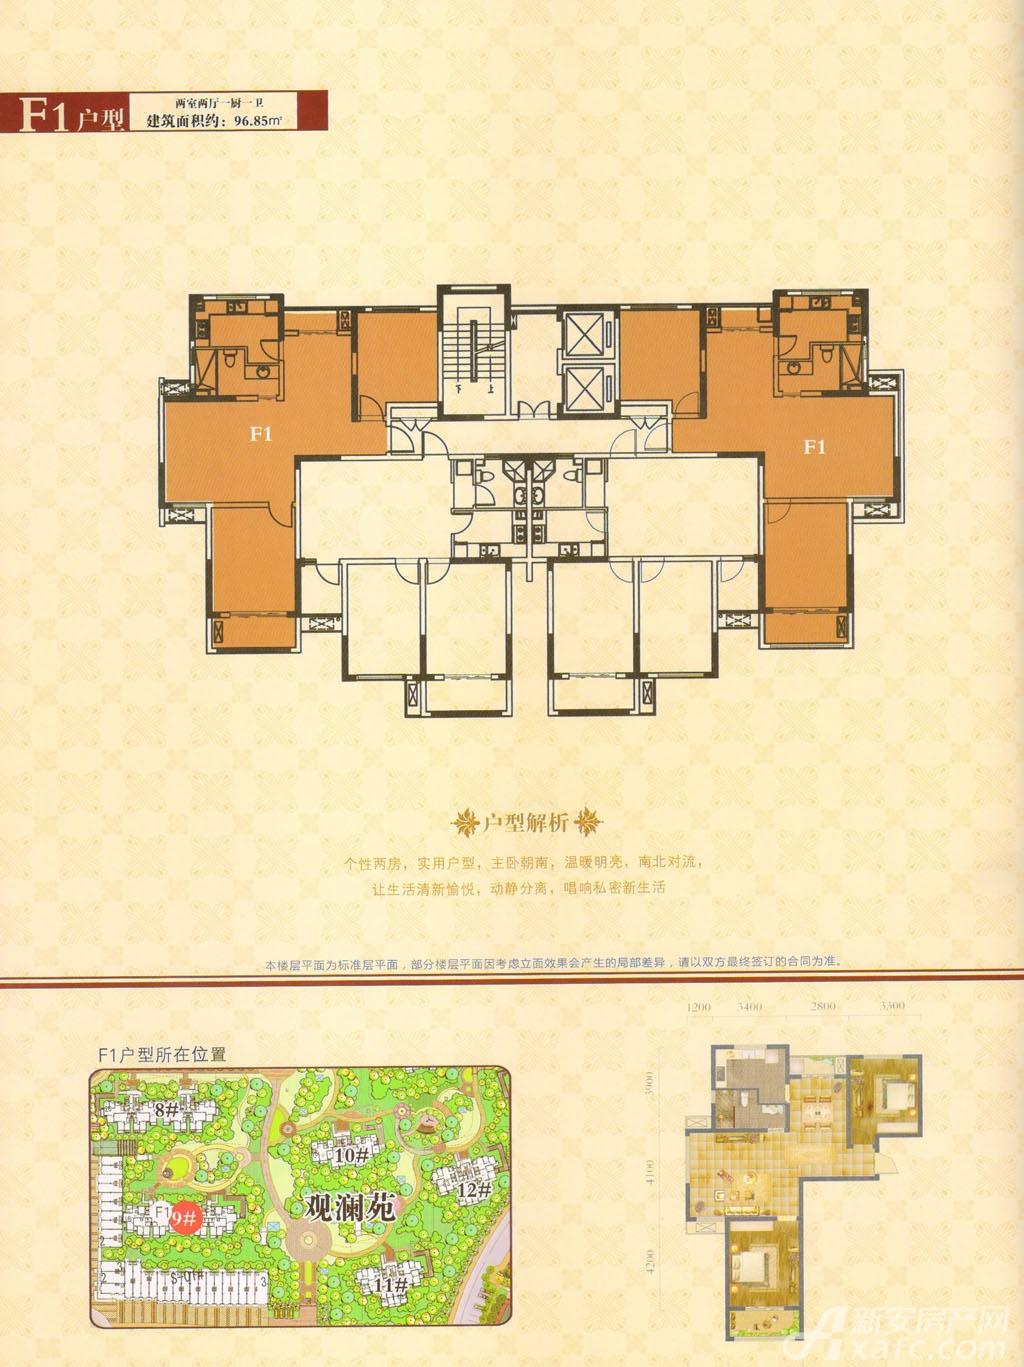 奇瑞新里城奇瑞新里城F1户型2室2厅96.85平米